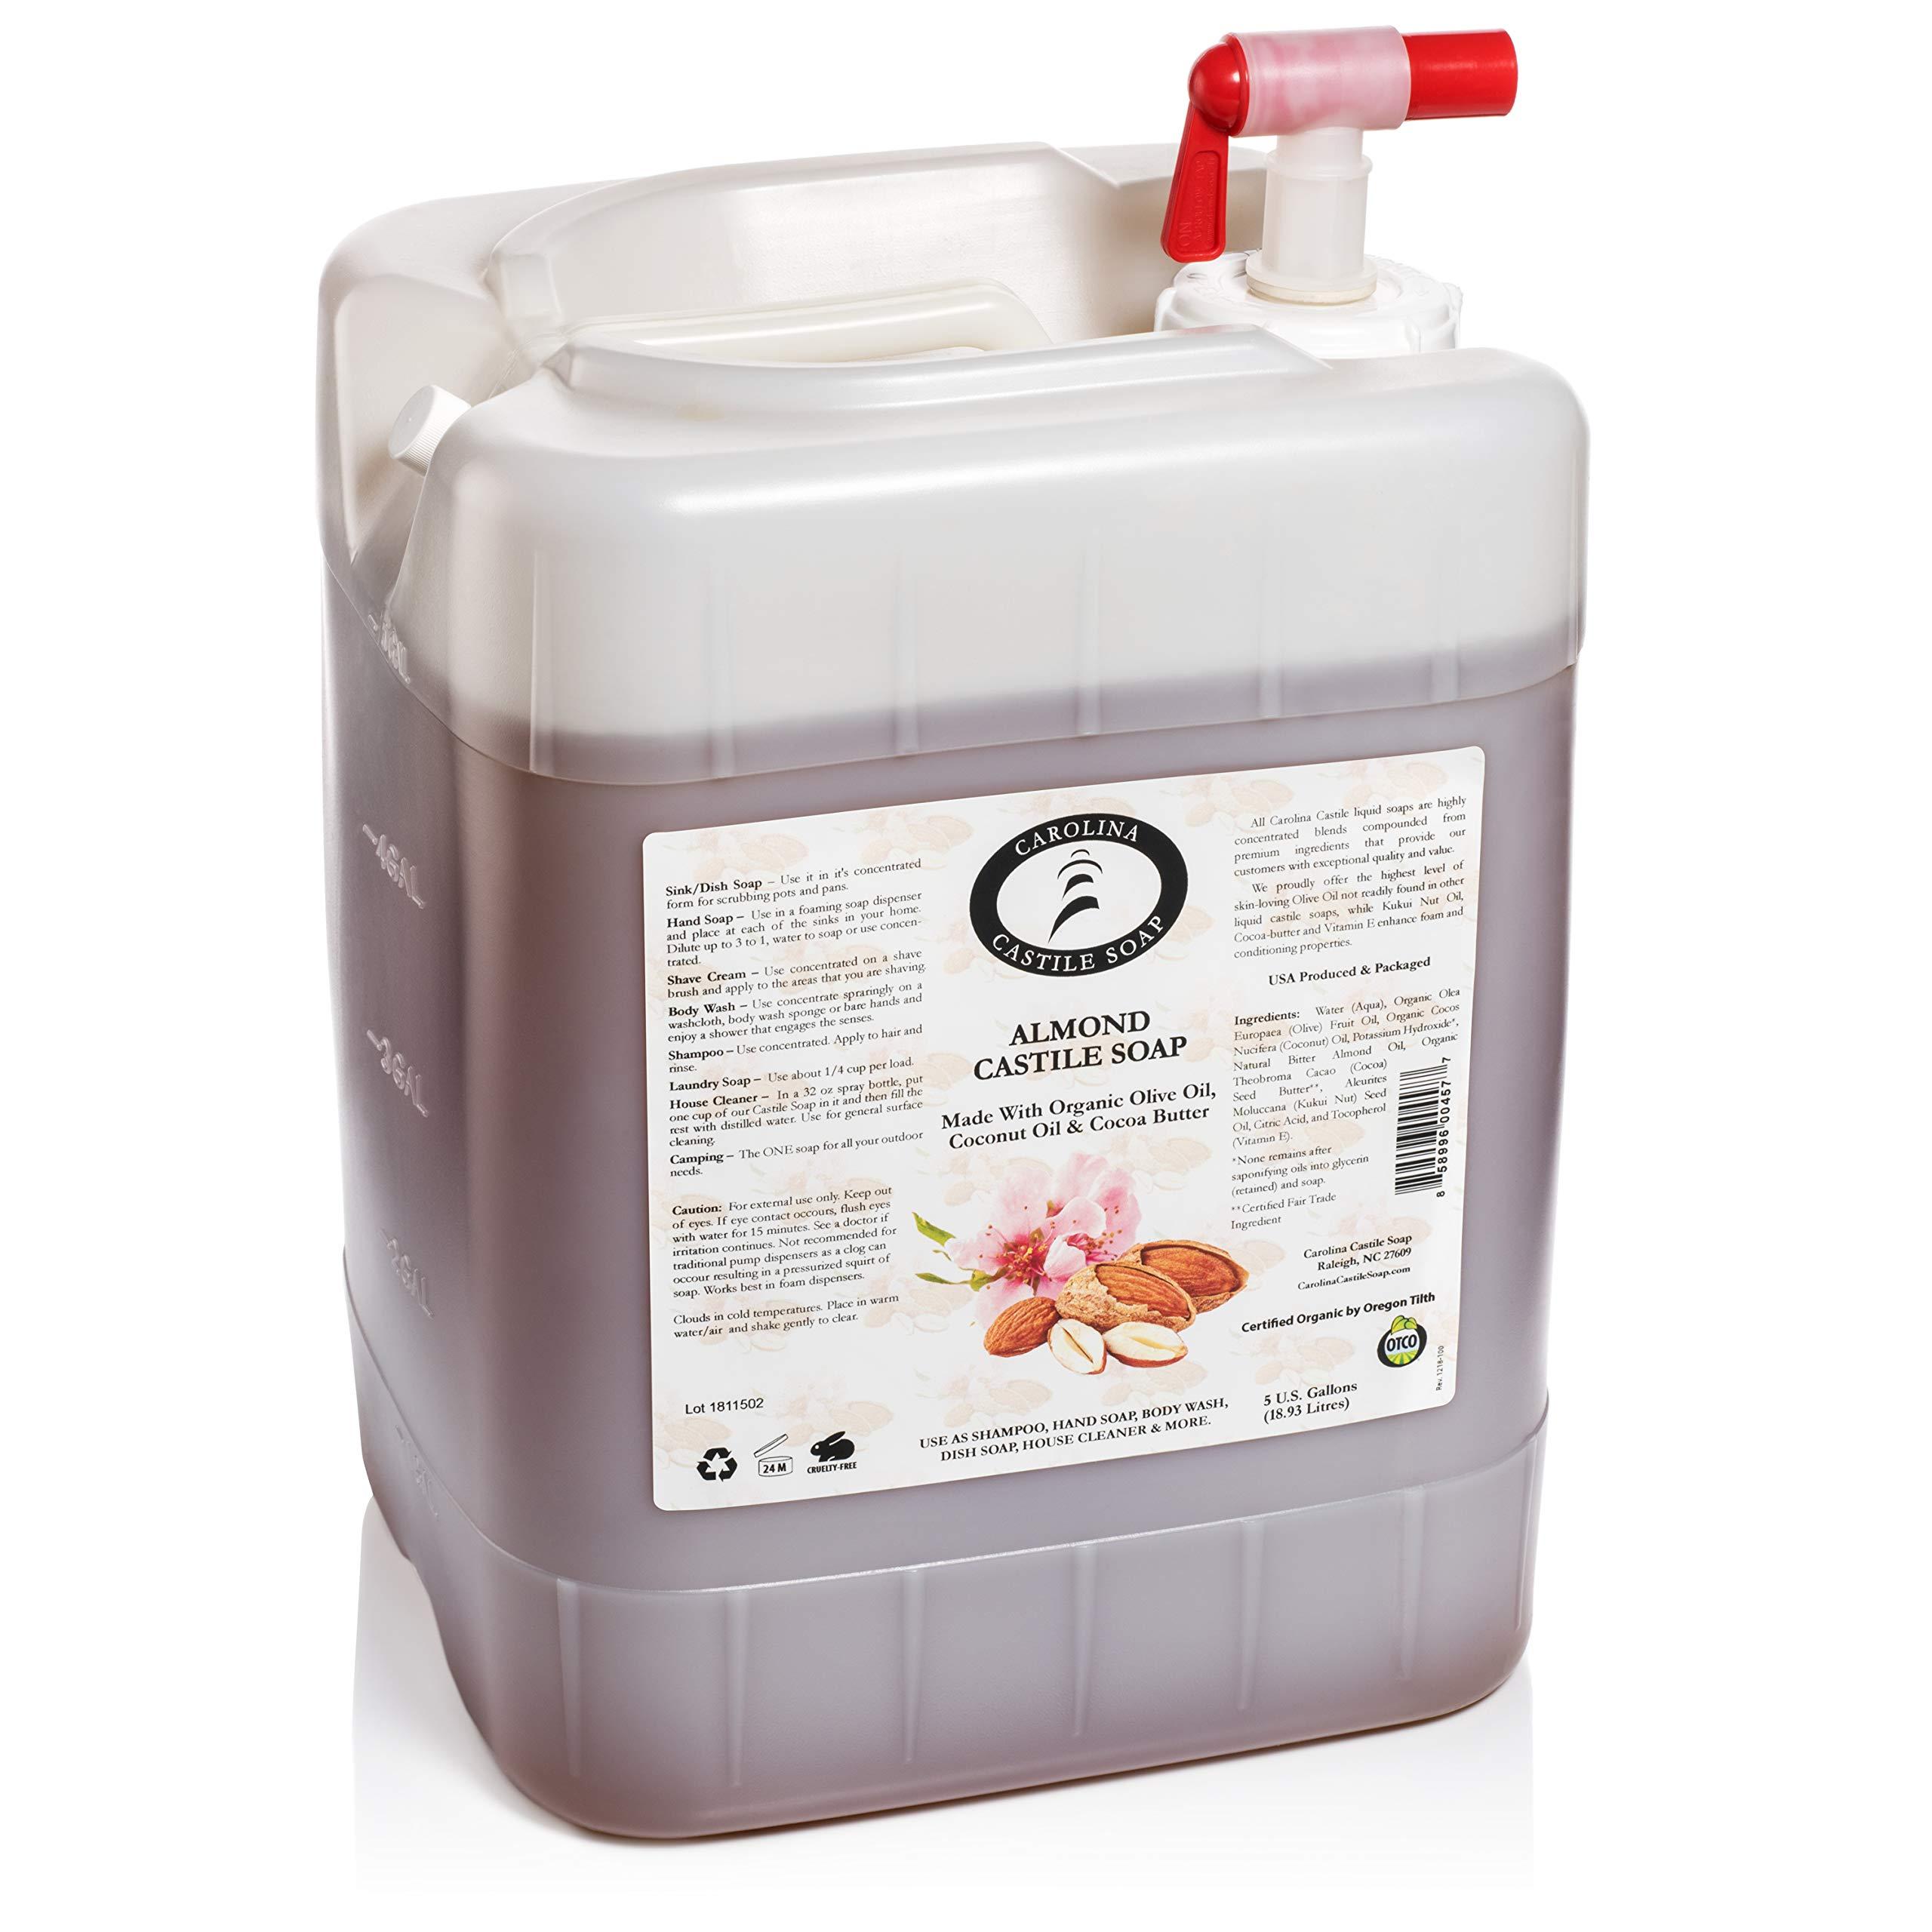 Carolina Castile Soap Almond w/Organic Cocoa Butter (5 Gallon Jug)